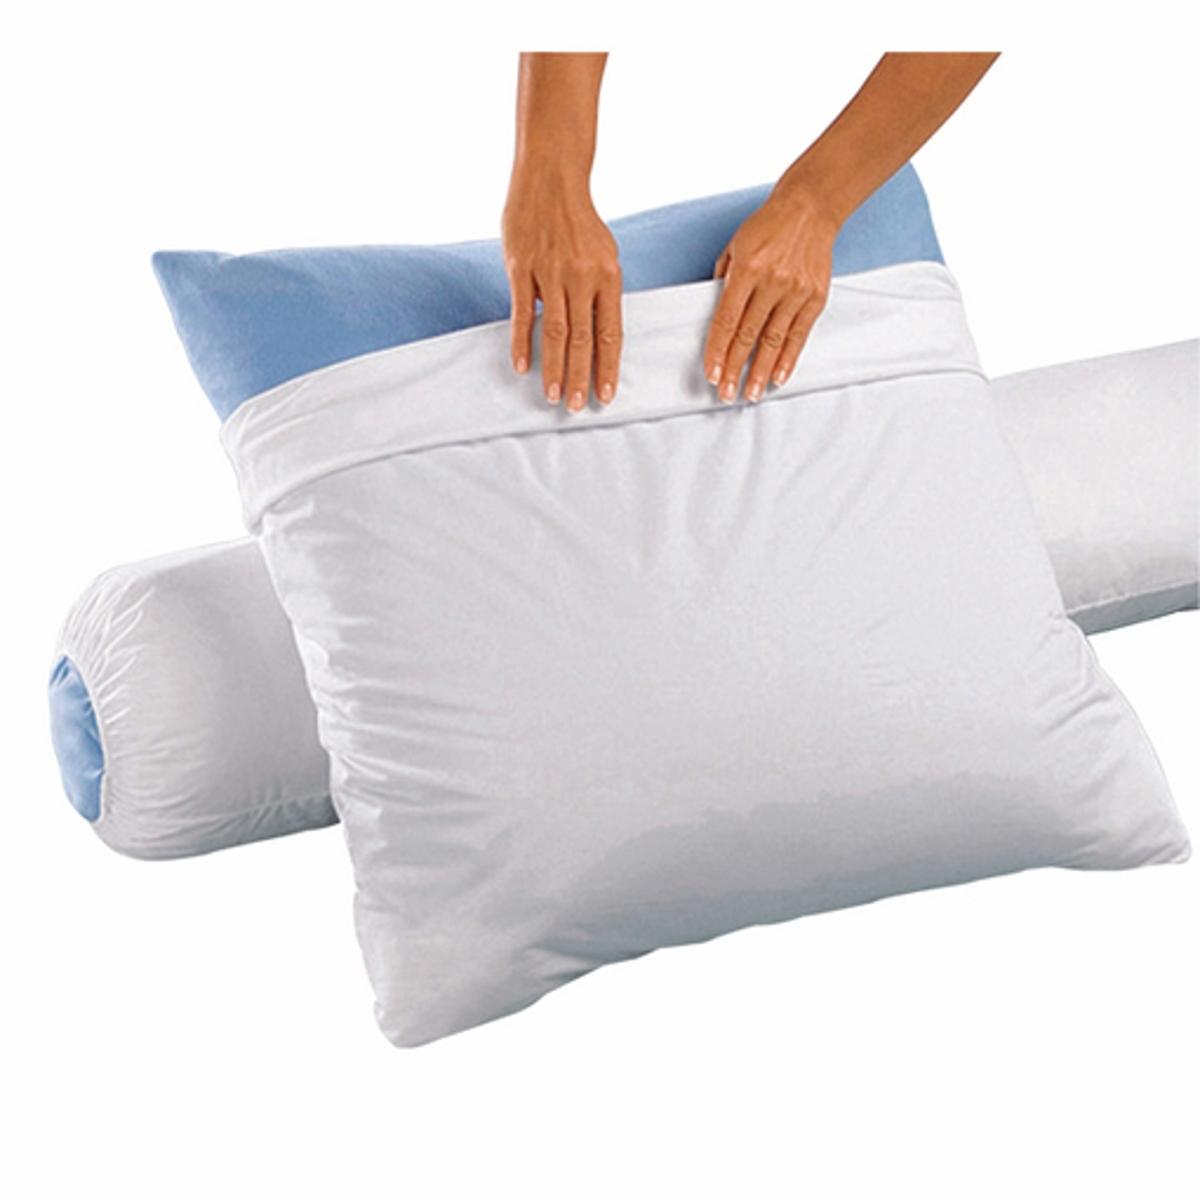 Чехол защитный для подушки, из джерси, водонепроницаемый